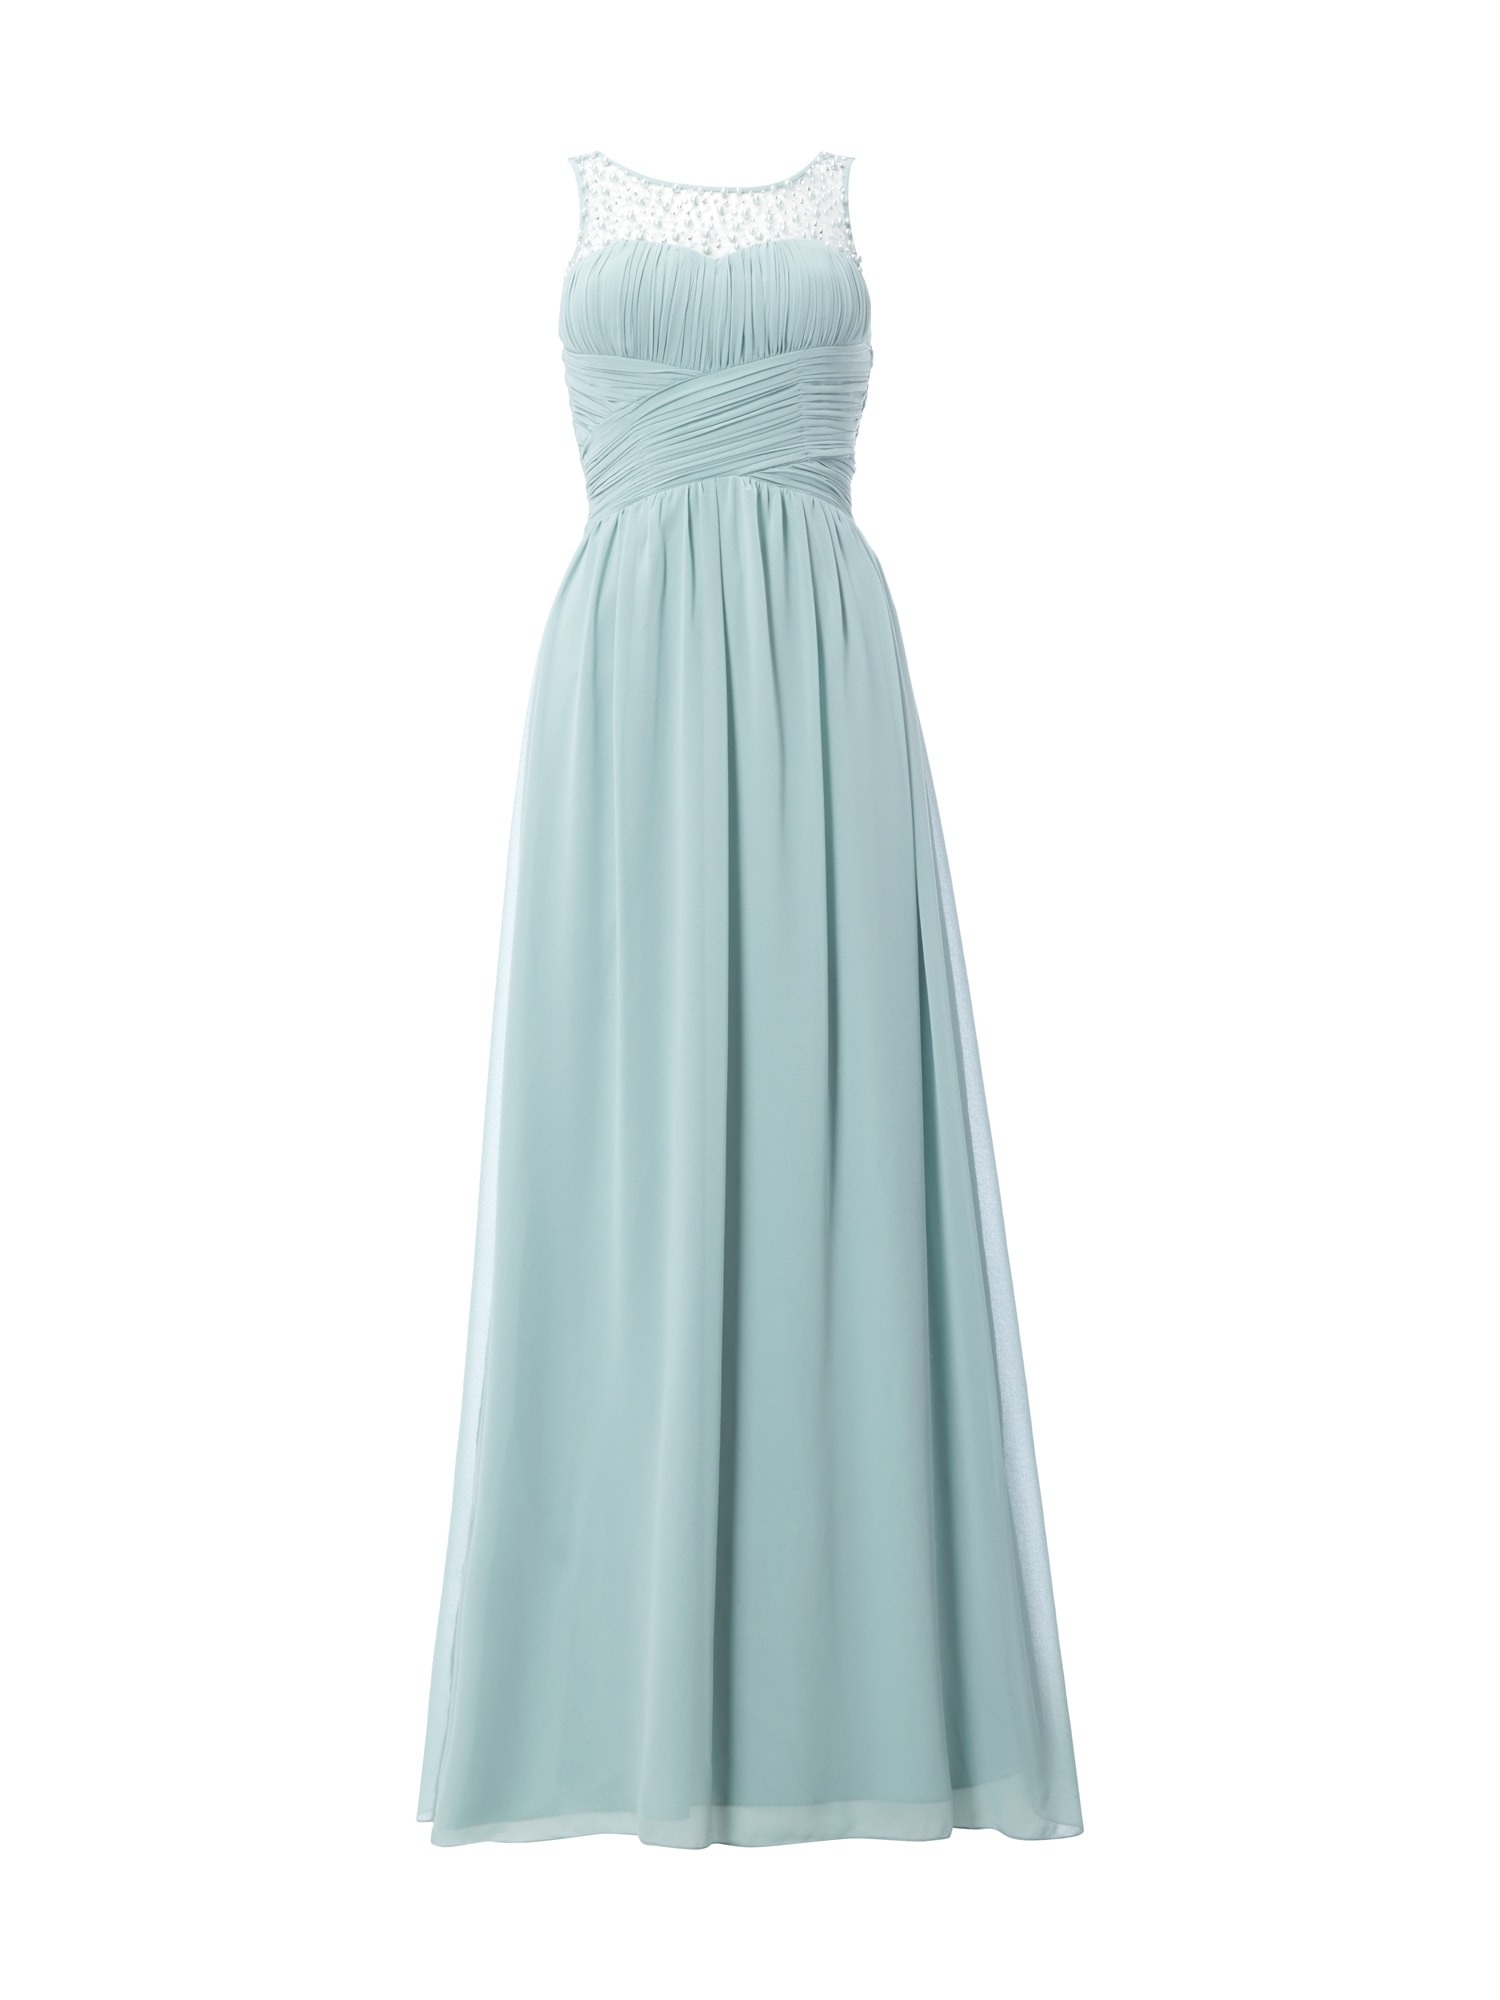 10 Genial Abendkleid Billig Galerie10 Perfekt Abendkleid Billig Bester Preis